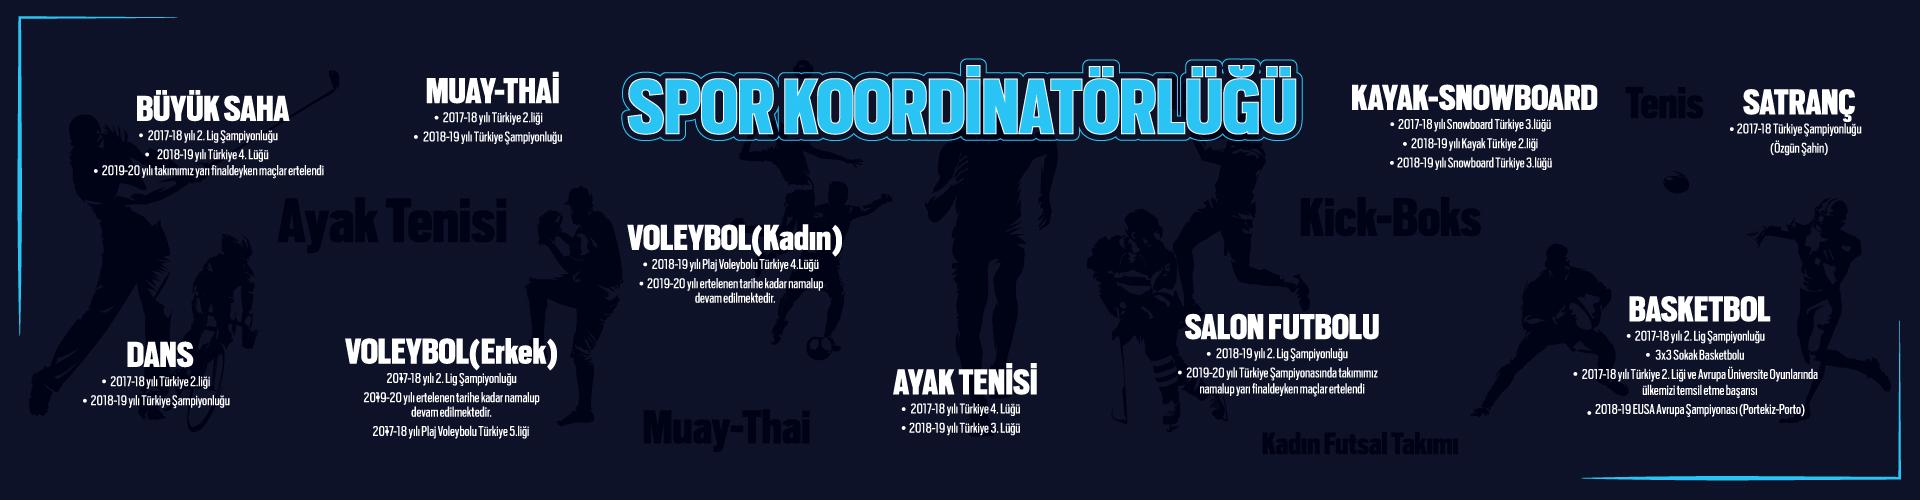 Spor_Koodinatörlüğü_1920x500